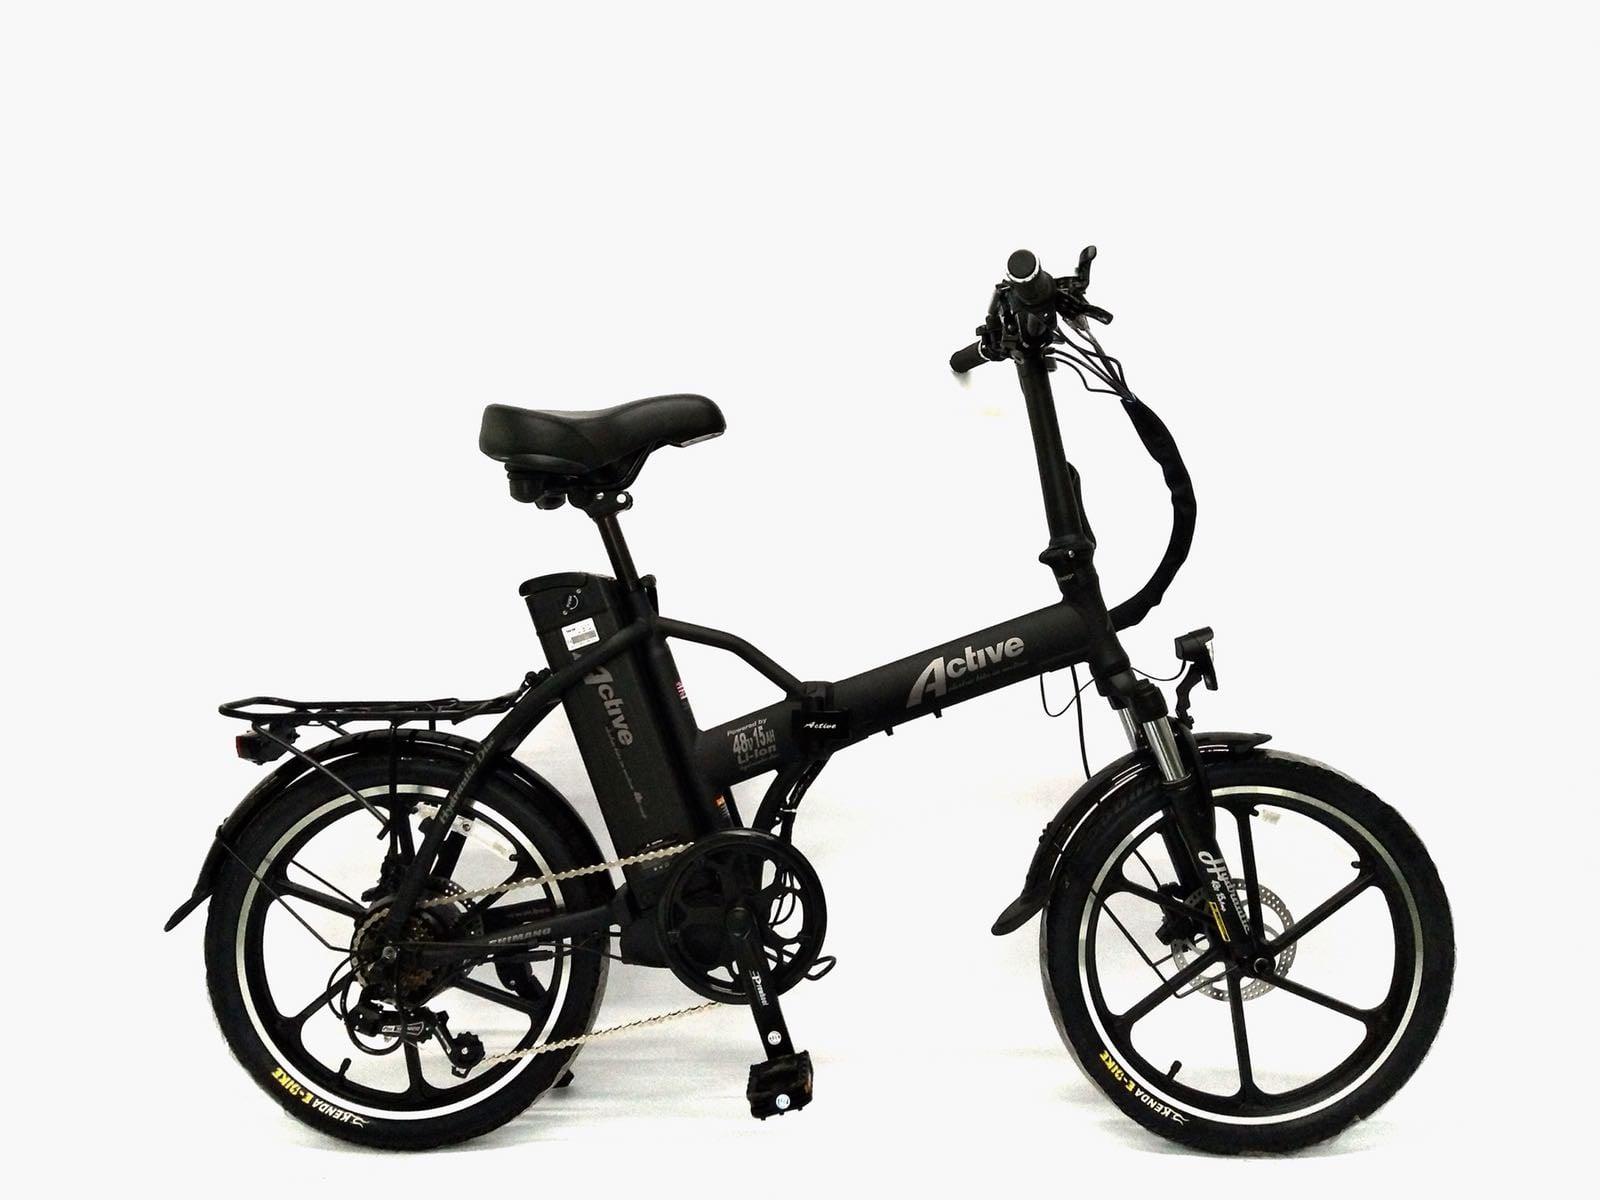 אופניים חשמליים ACTIVE גלגלי מגנזיום 48V 15.6AMH בלמי שמן הידראולים